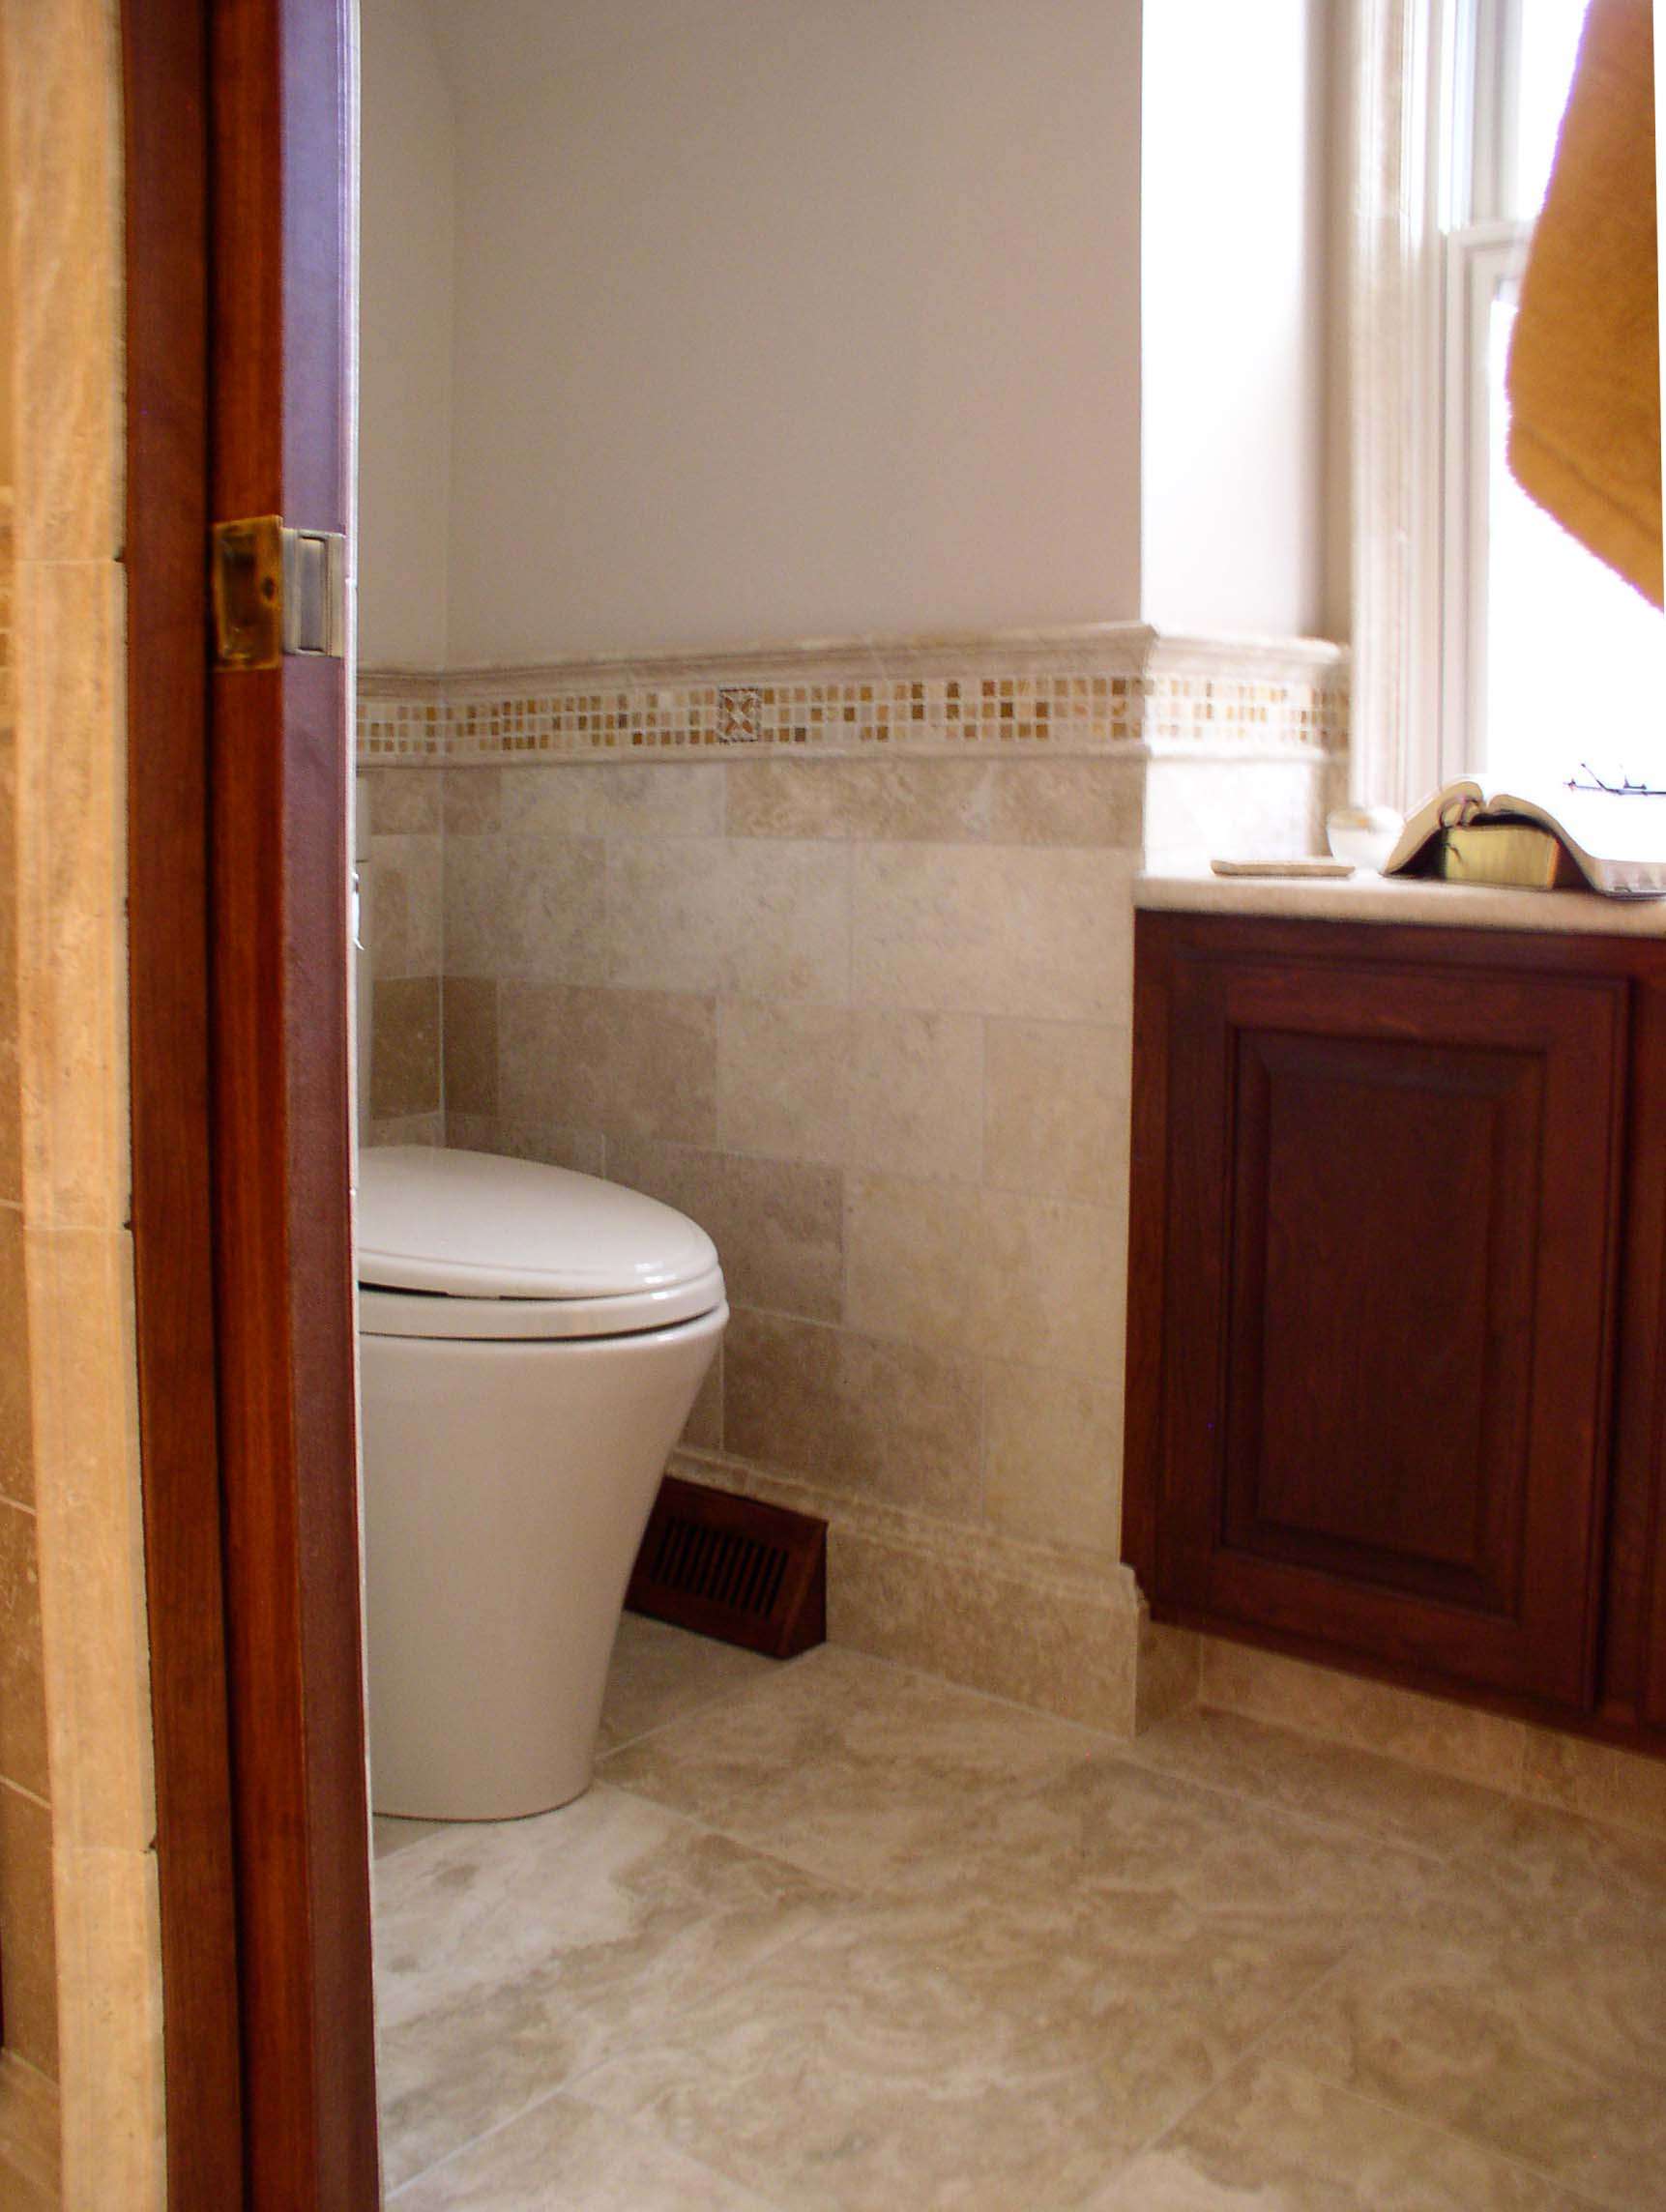 Dgo bathroom with covebase.jpg